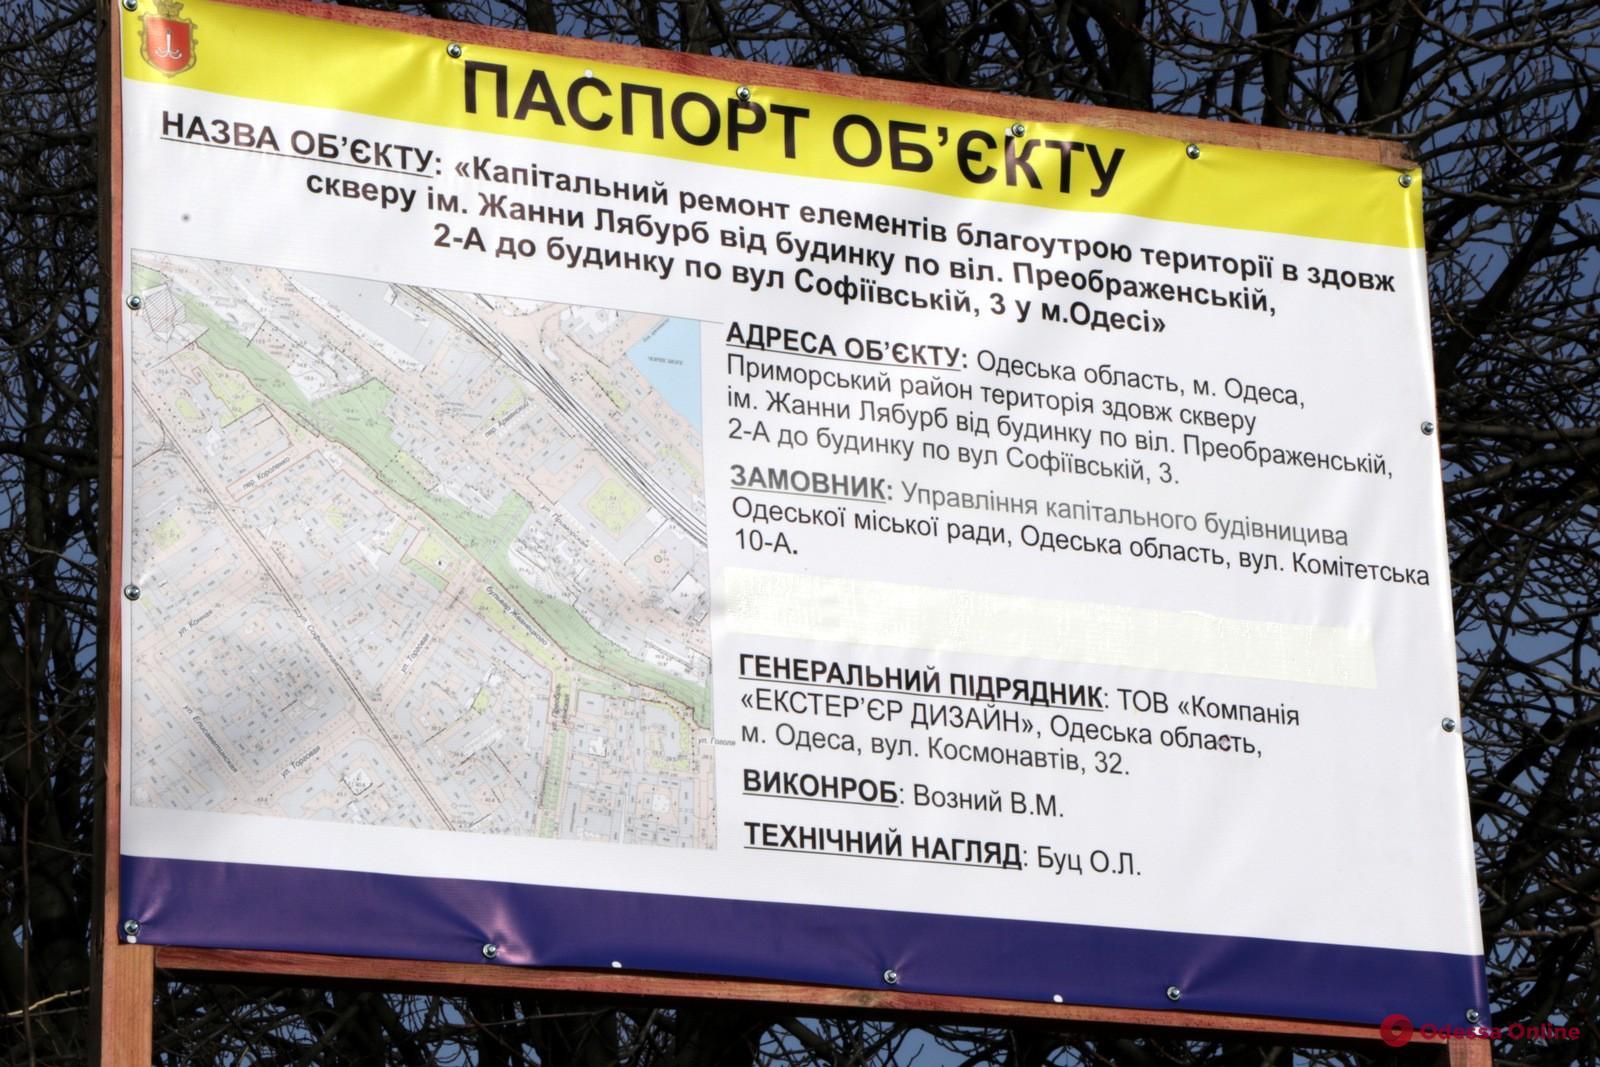 В Одессе начался капремонт бульвара Жванецкого